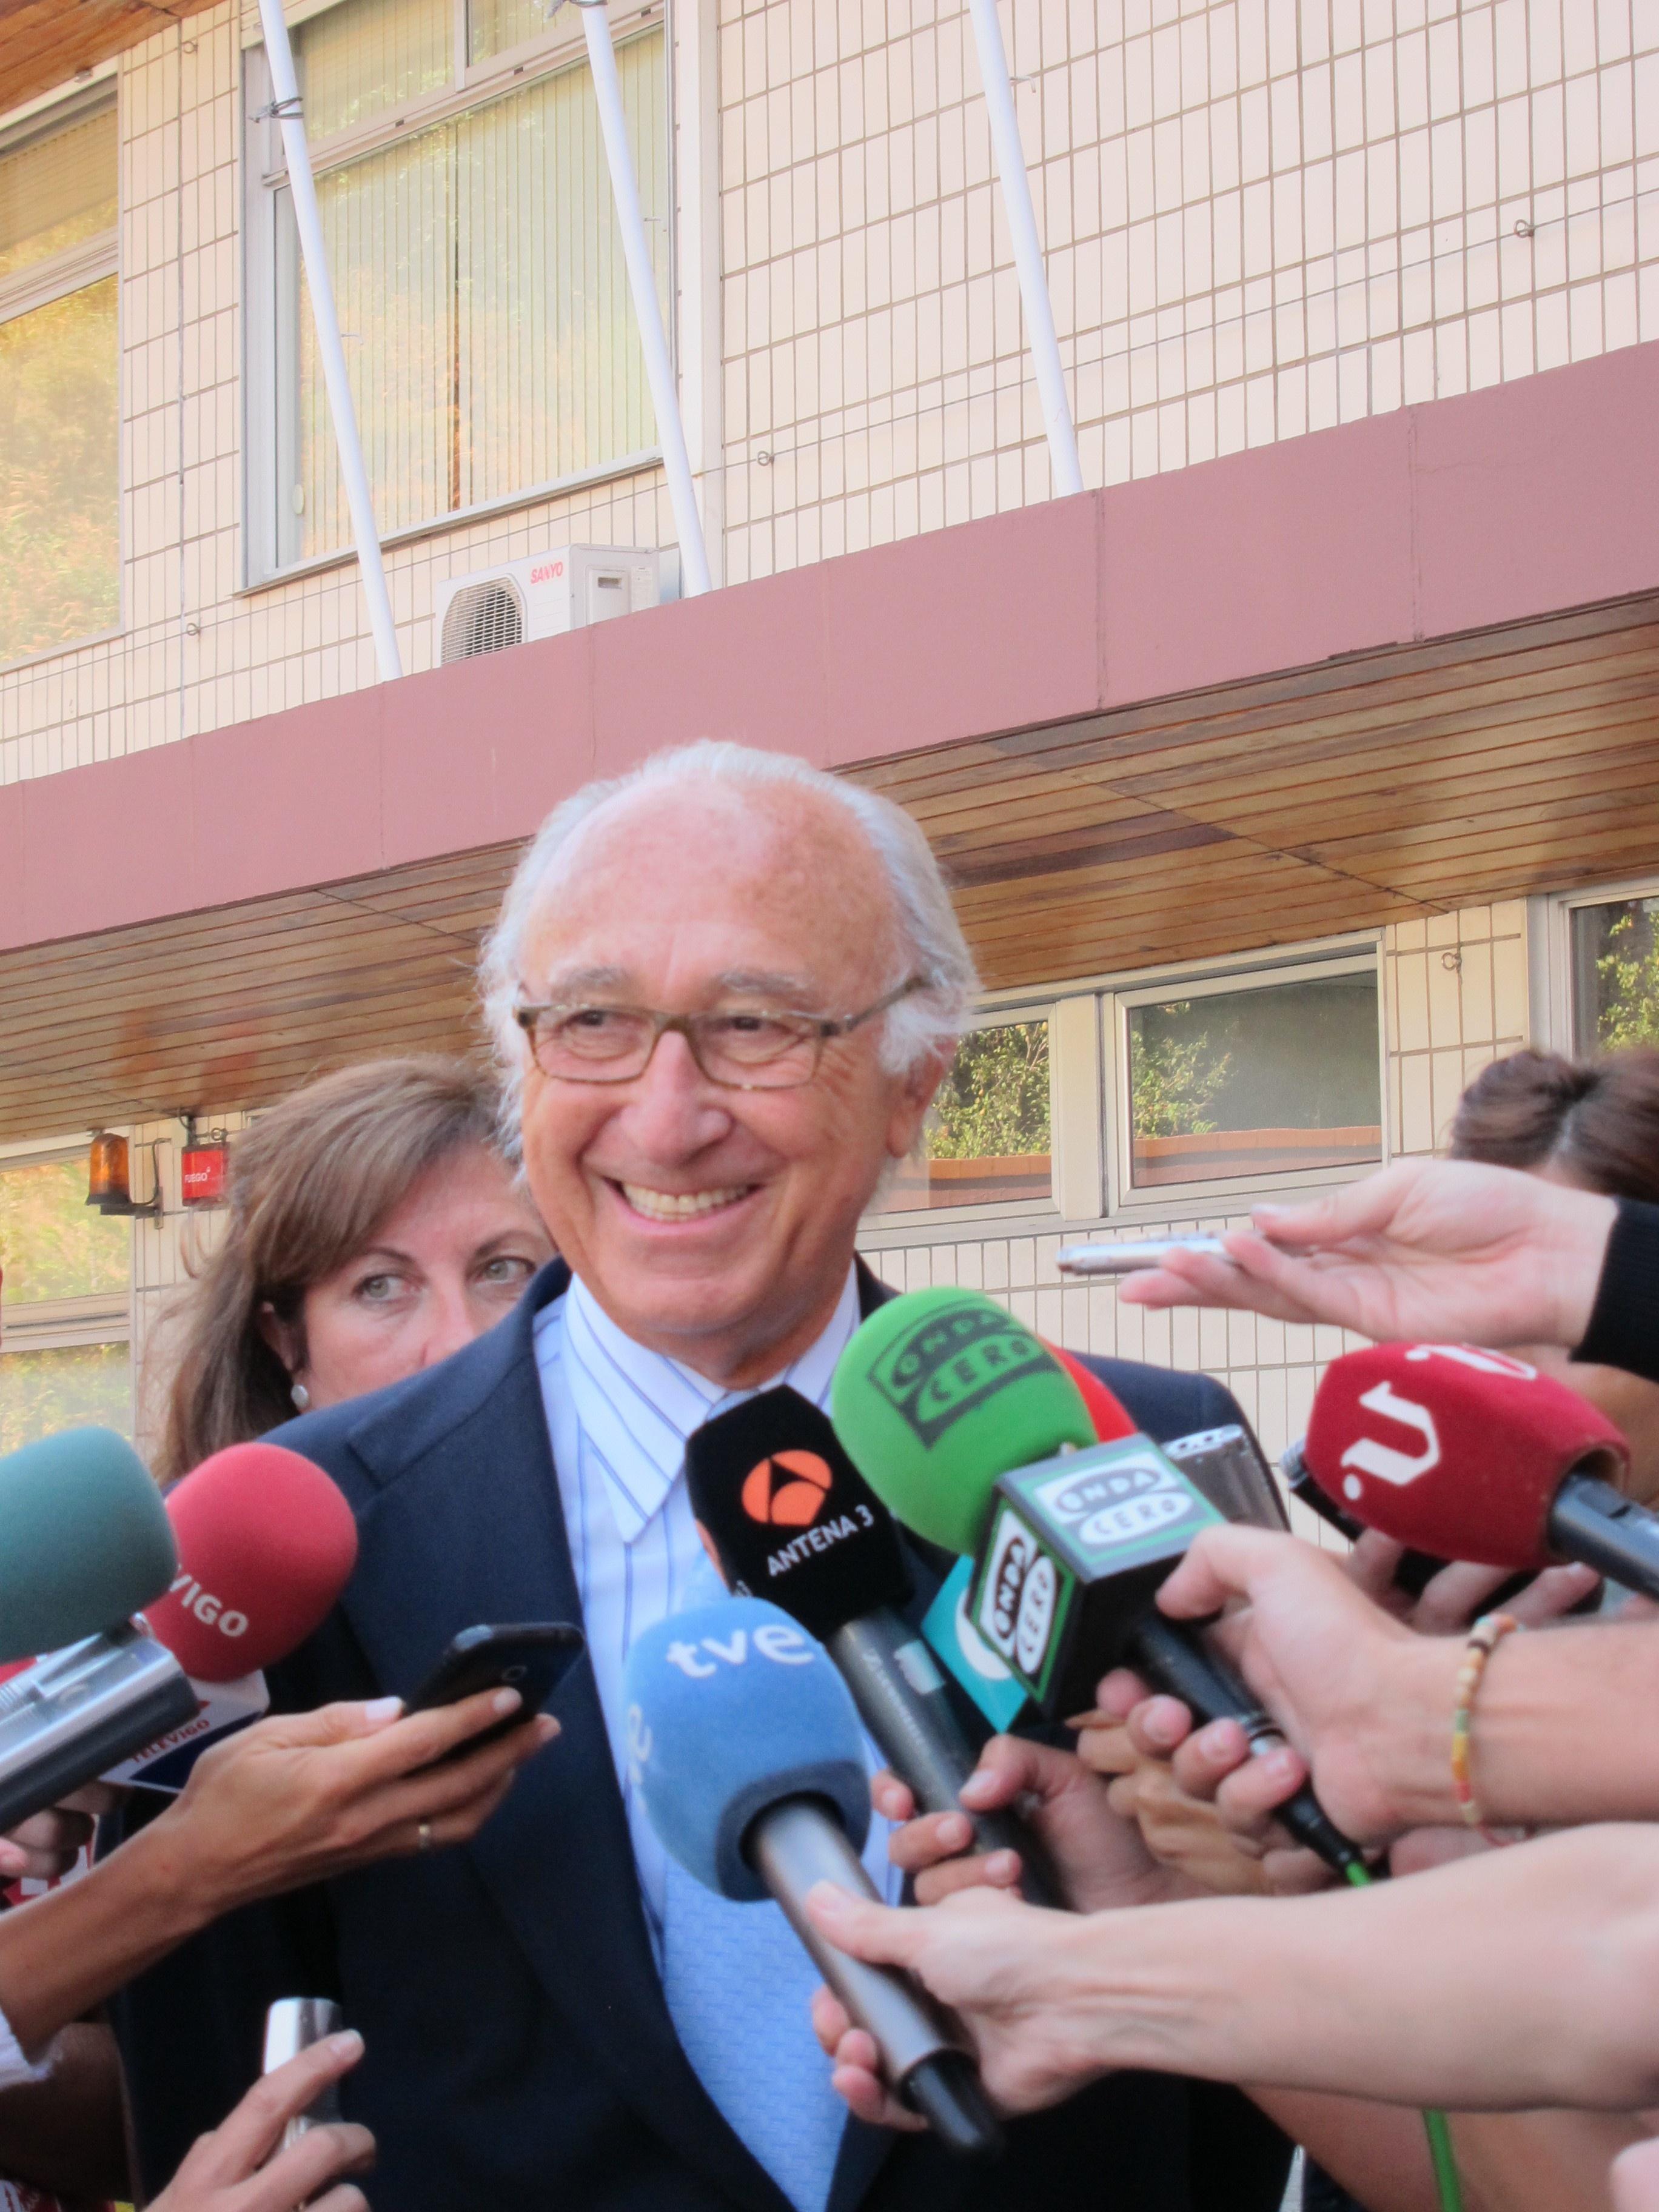 El nuevo presidente de Pescanova, Juan Manuel Urgoiti, cuenta con gran experiencia en el sector financiero